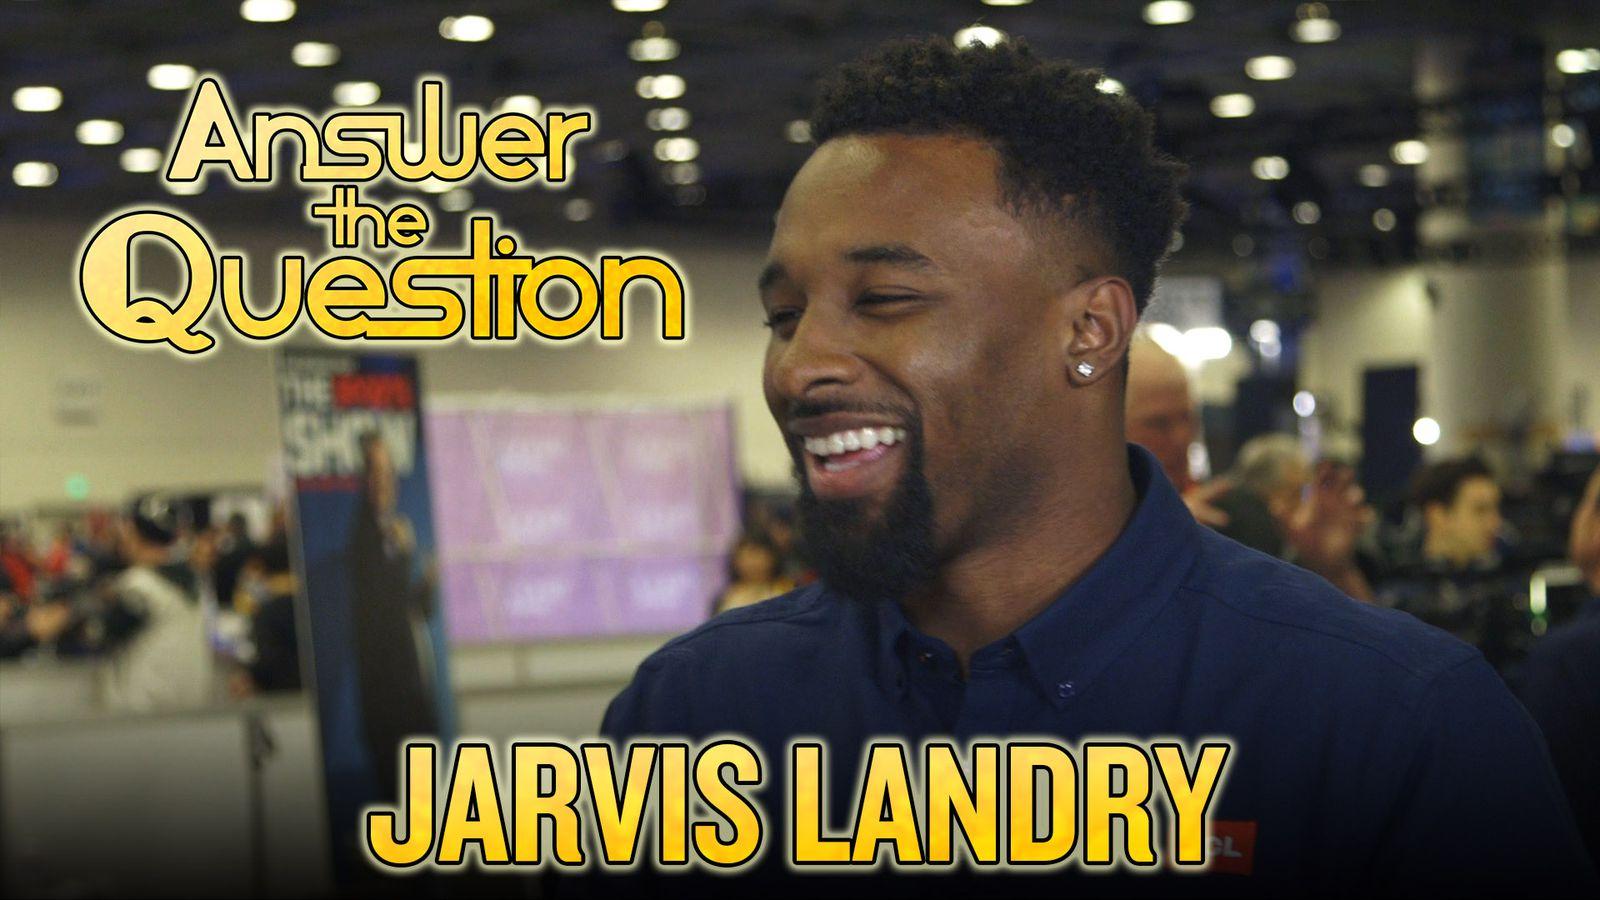 2016年超级碗:Jarvis Landry知道他的酷玩乐队,模仿Peyton Manning